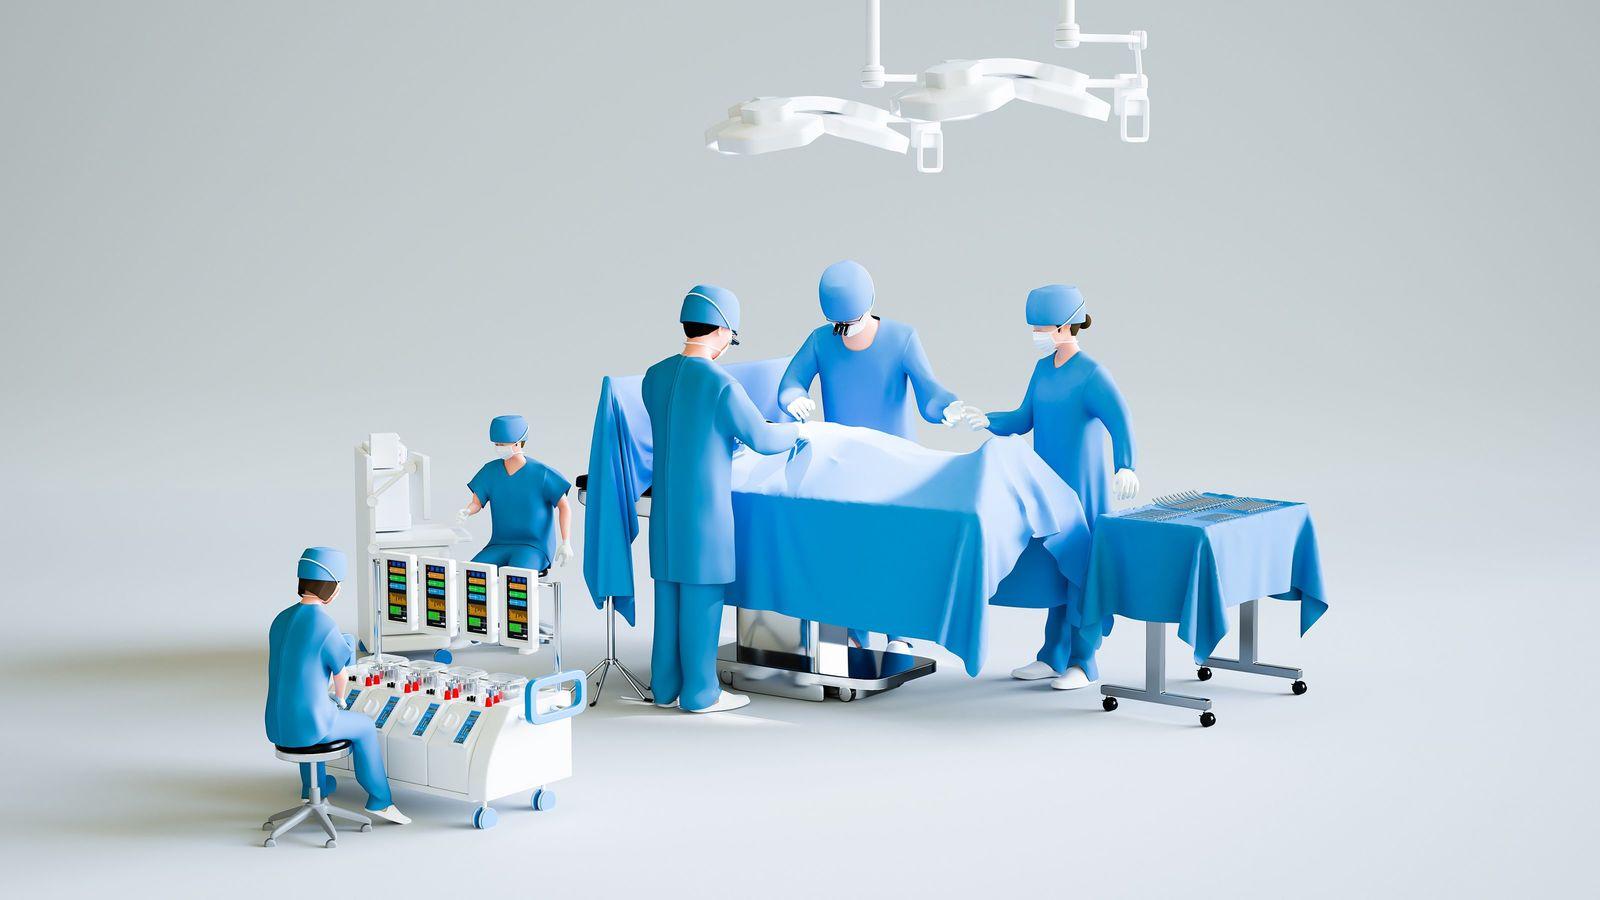 """目の手術は""""大学病院なら安心""""は大間違い 研修医の練習台になる可能性が高い"""